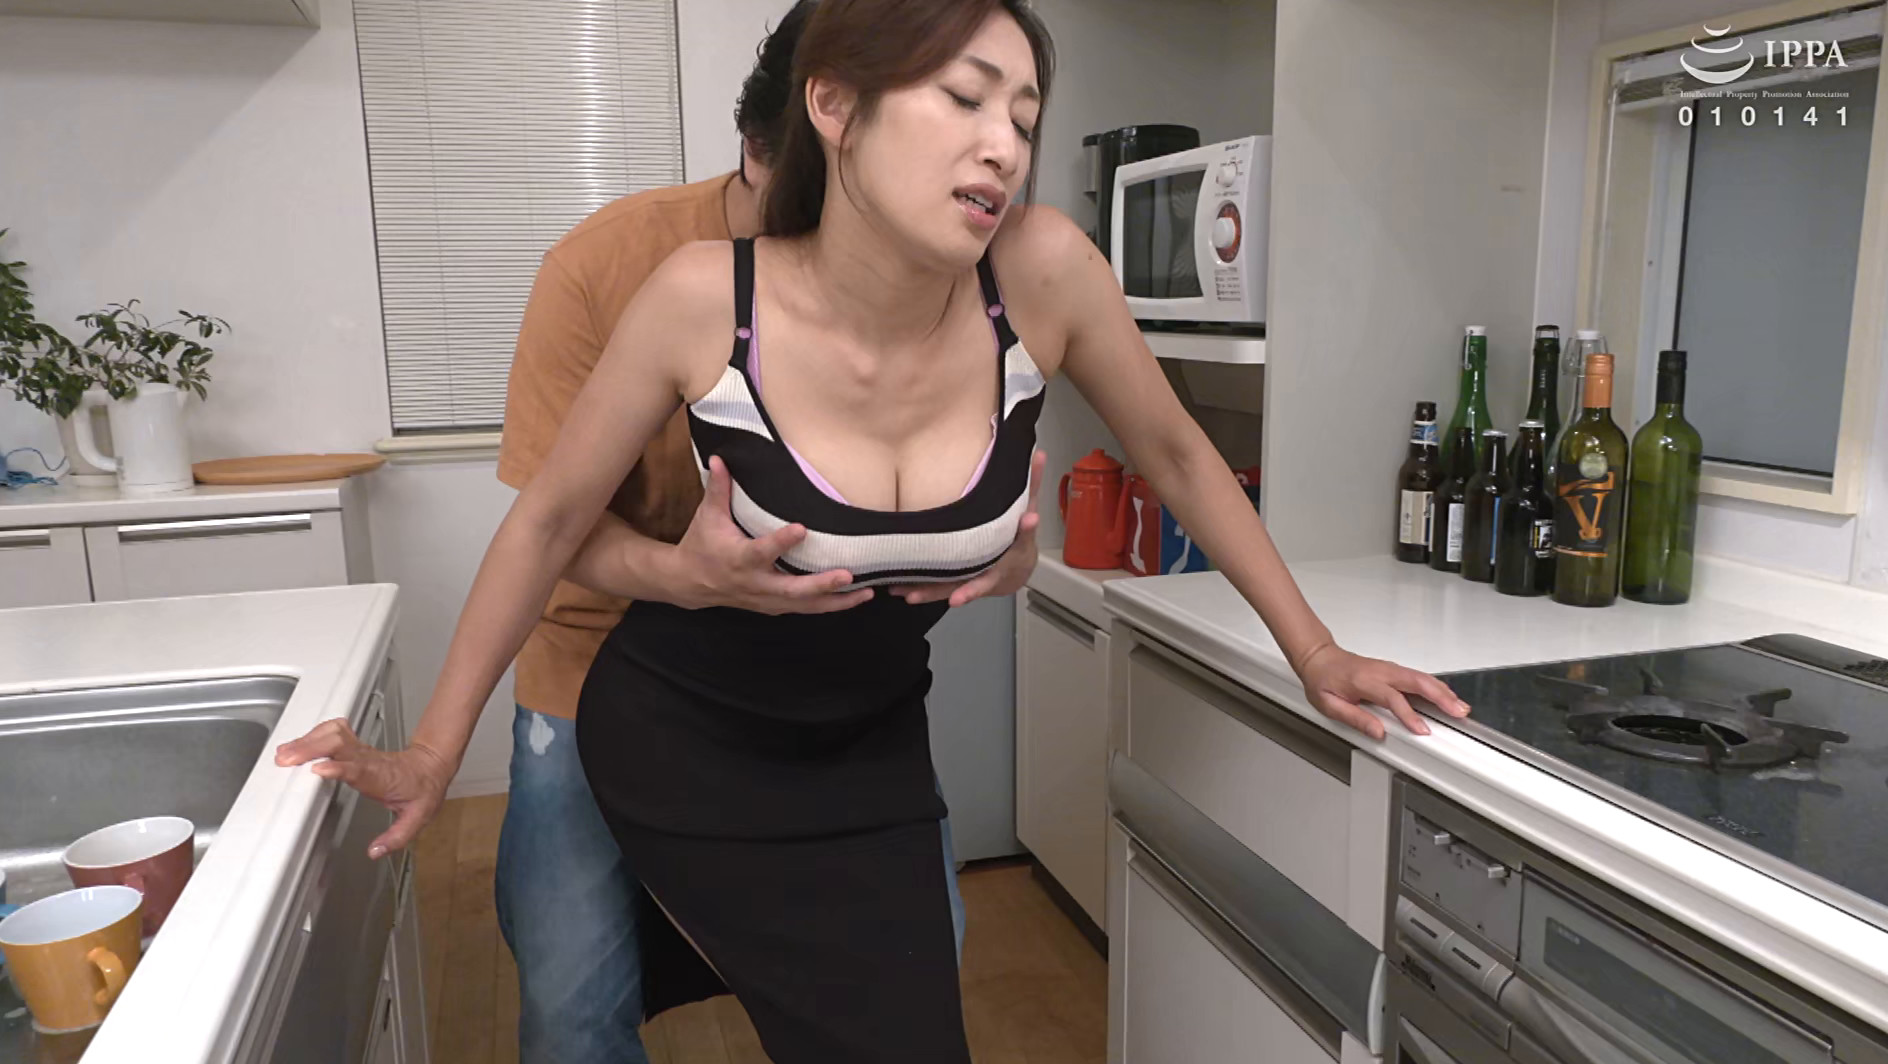 偶然見てしまったおばさんの裸体が目に焼き付いて・・・あの日からおばさんが服を着ていても全裸に見えてしまう僕 小早川怜子 画像18